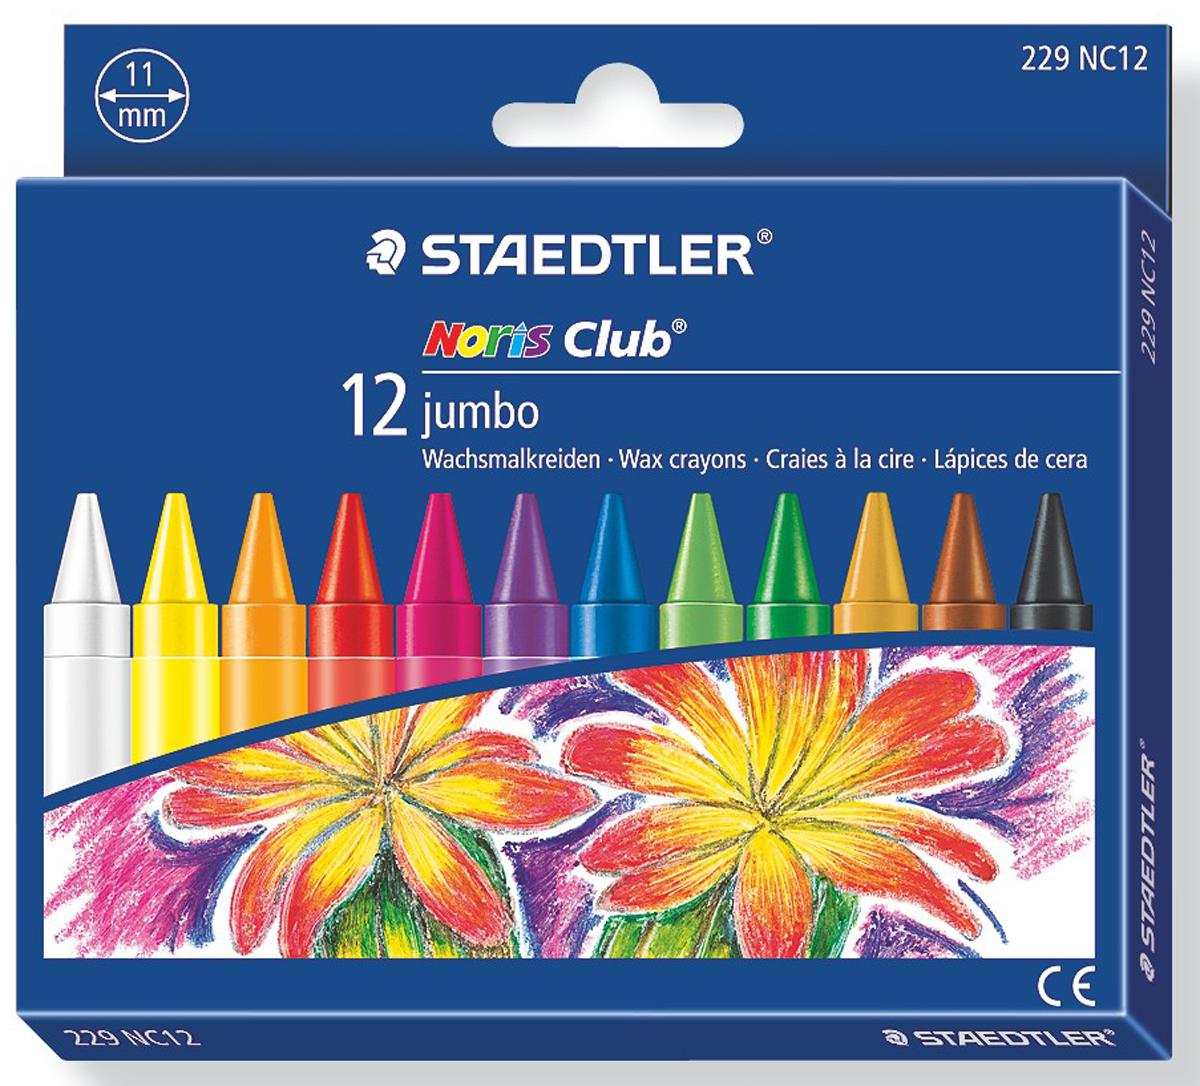 Staedtler Мелок восковой Noris Club 12 цветов staedtler staedtler цветные карандаши noris club утолщенные 10 цветов